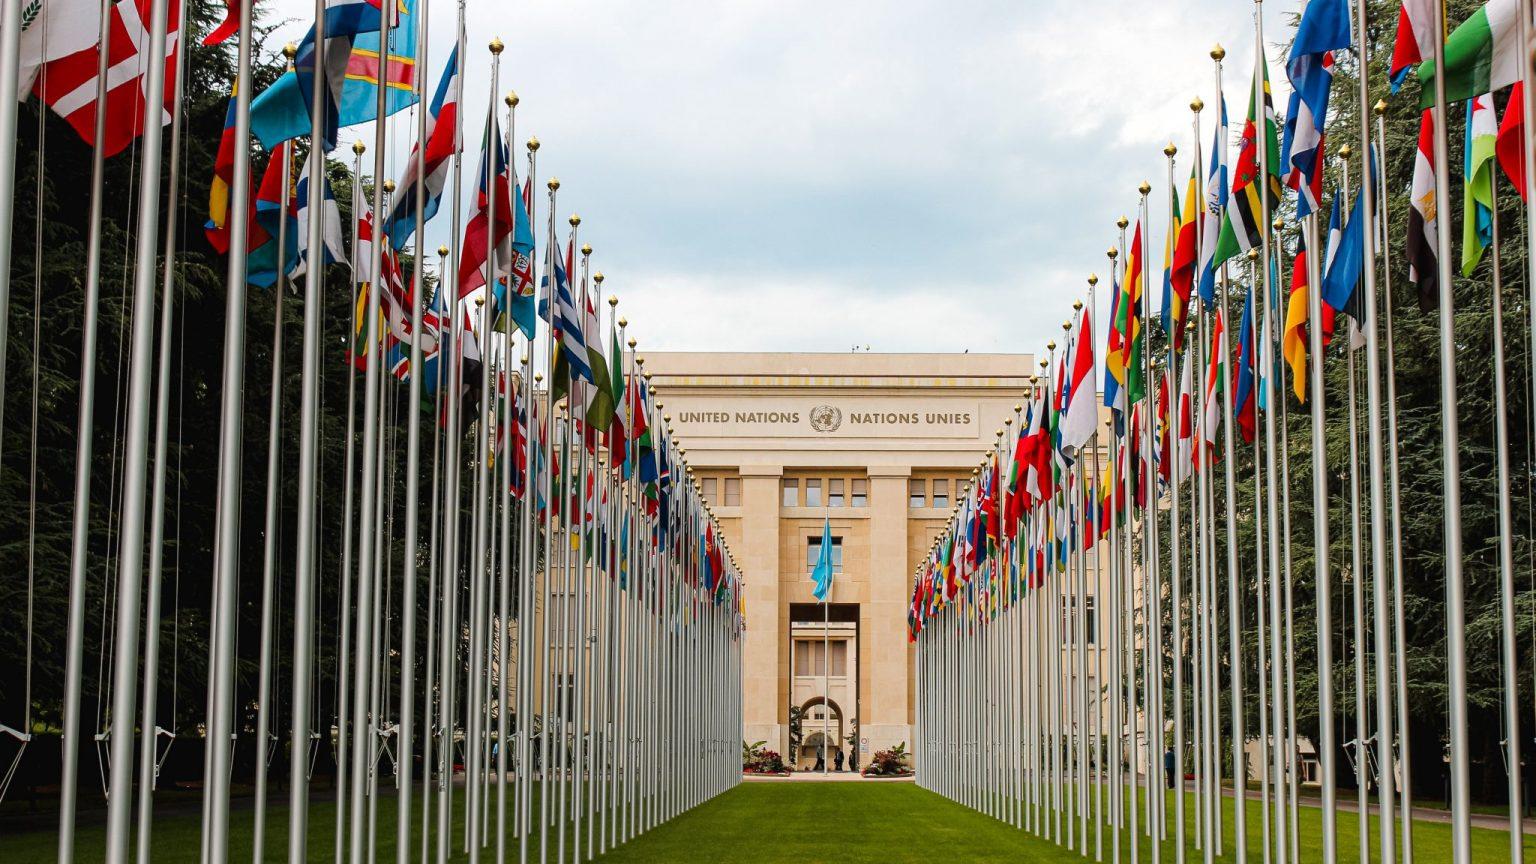 NGO Geneva